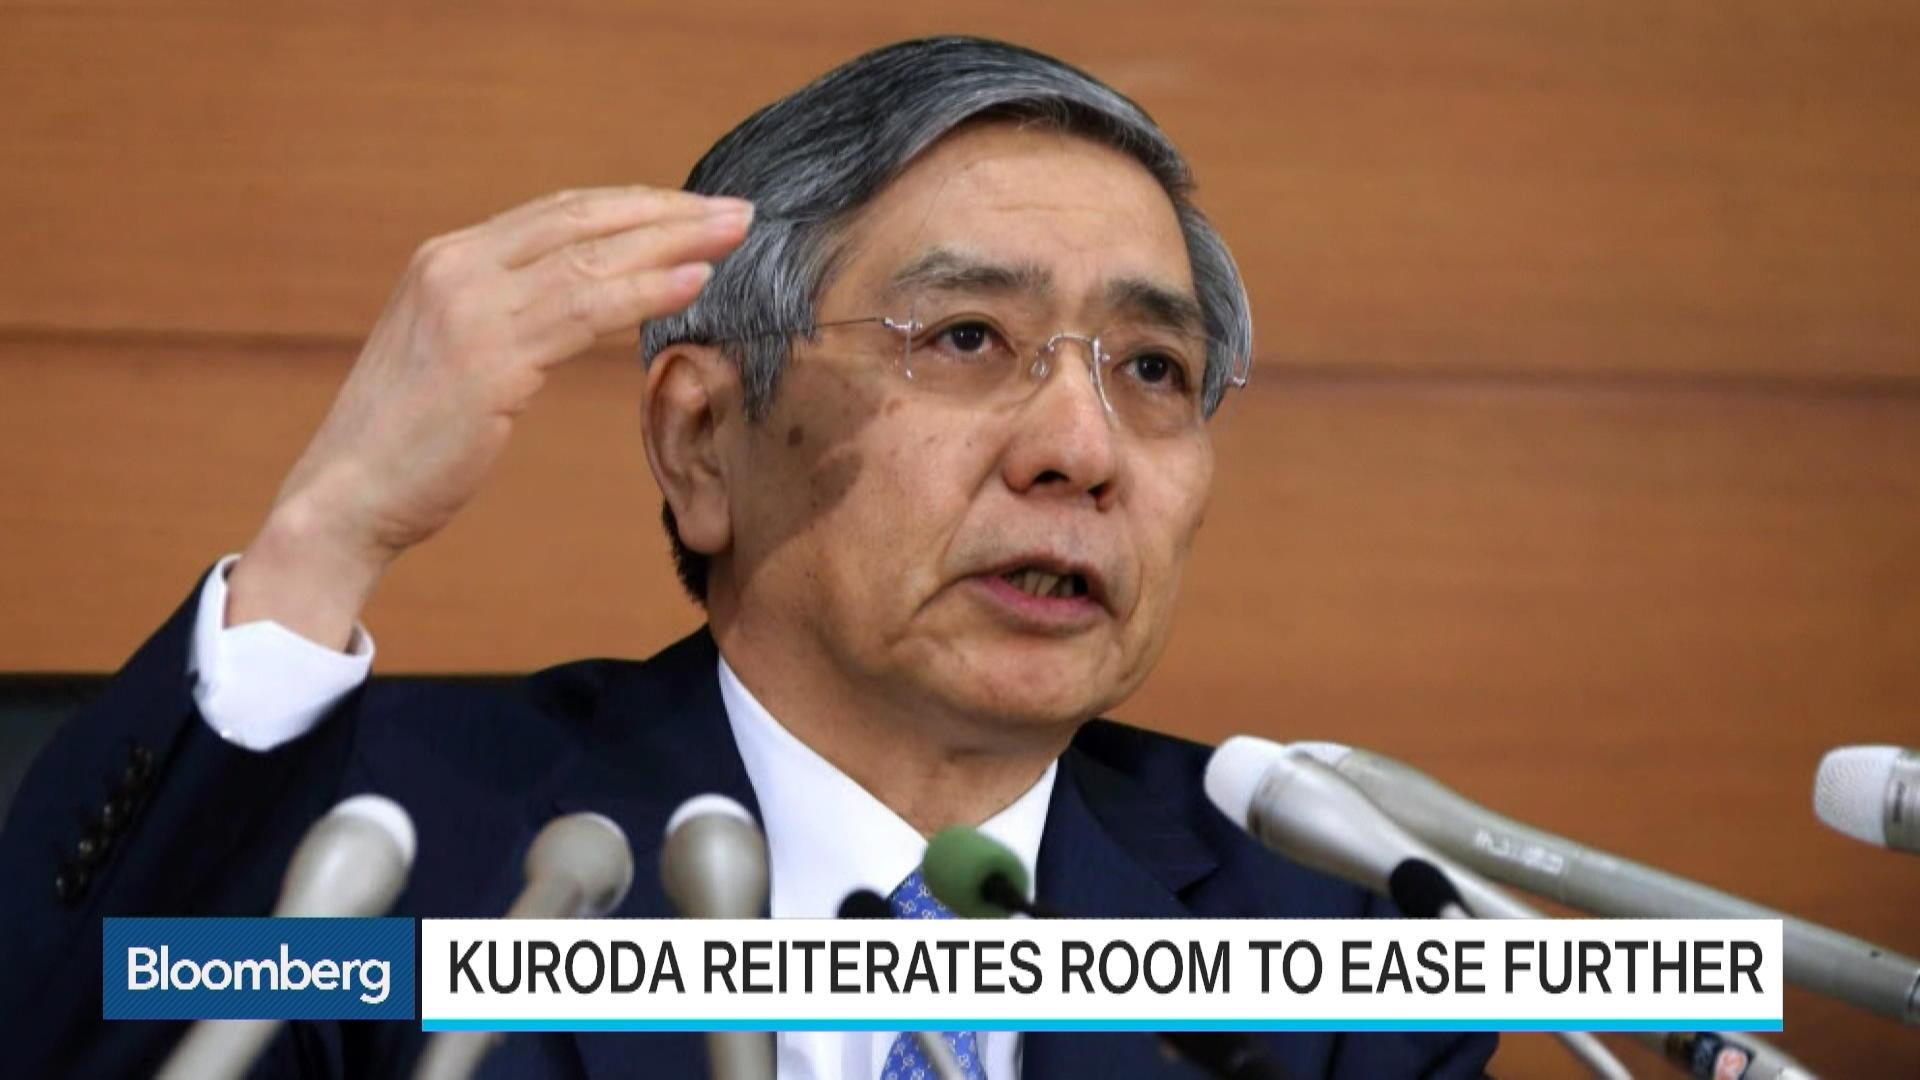 BOJ Governor Kuroda